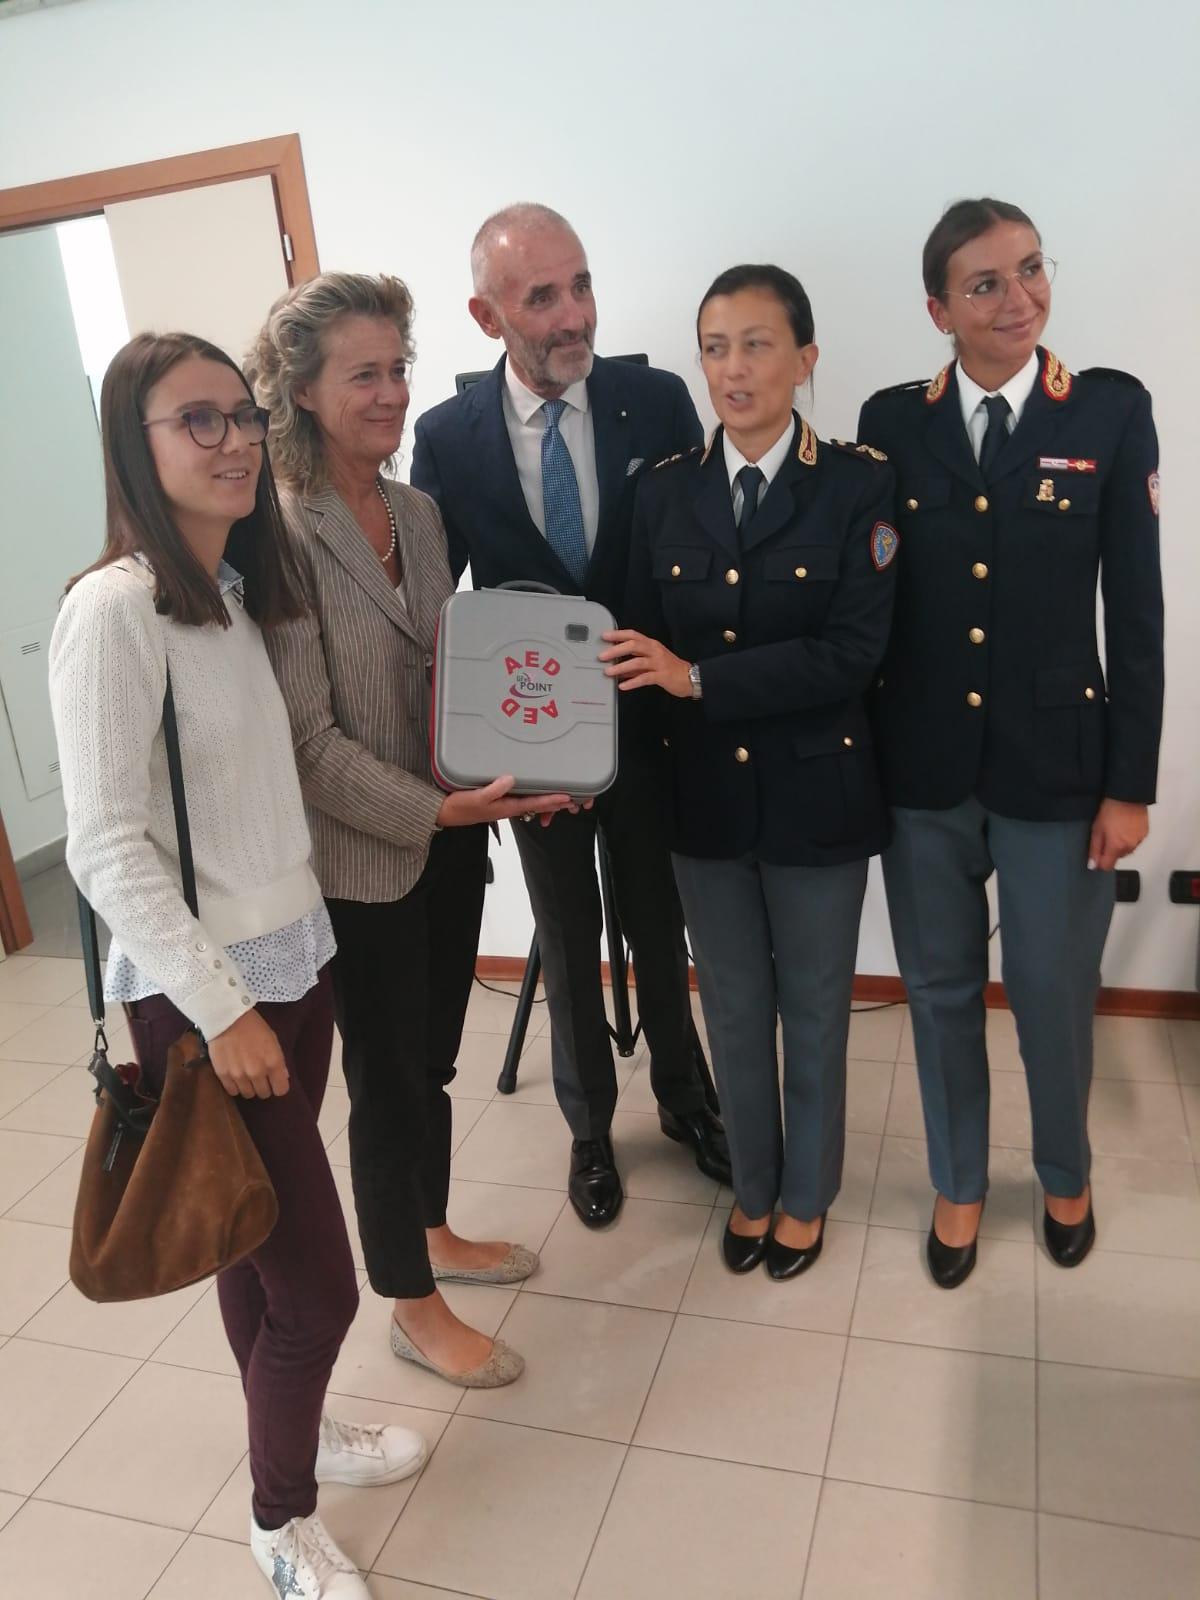 Gli amici di Giò donano un defibrillatore alla Polstrada di Lucca